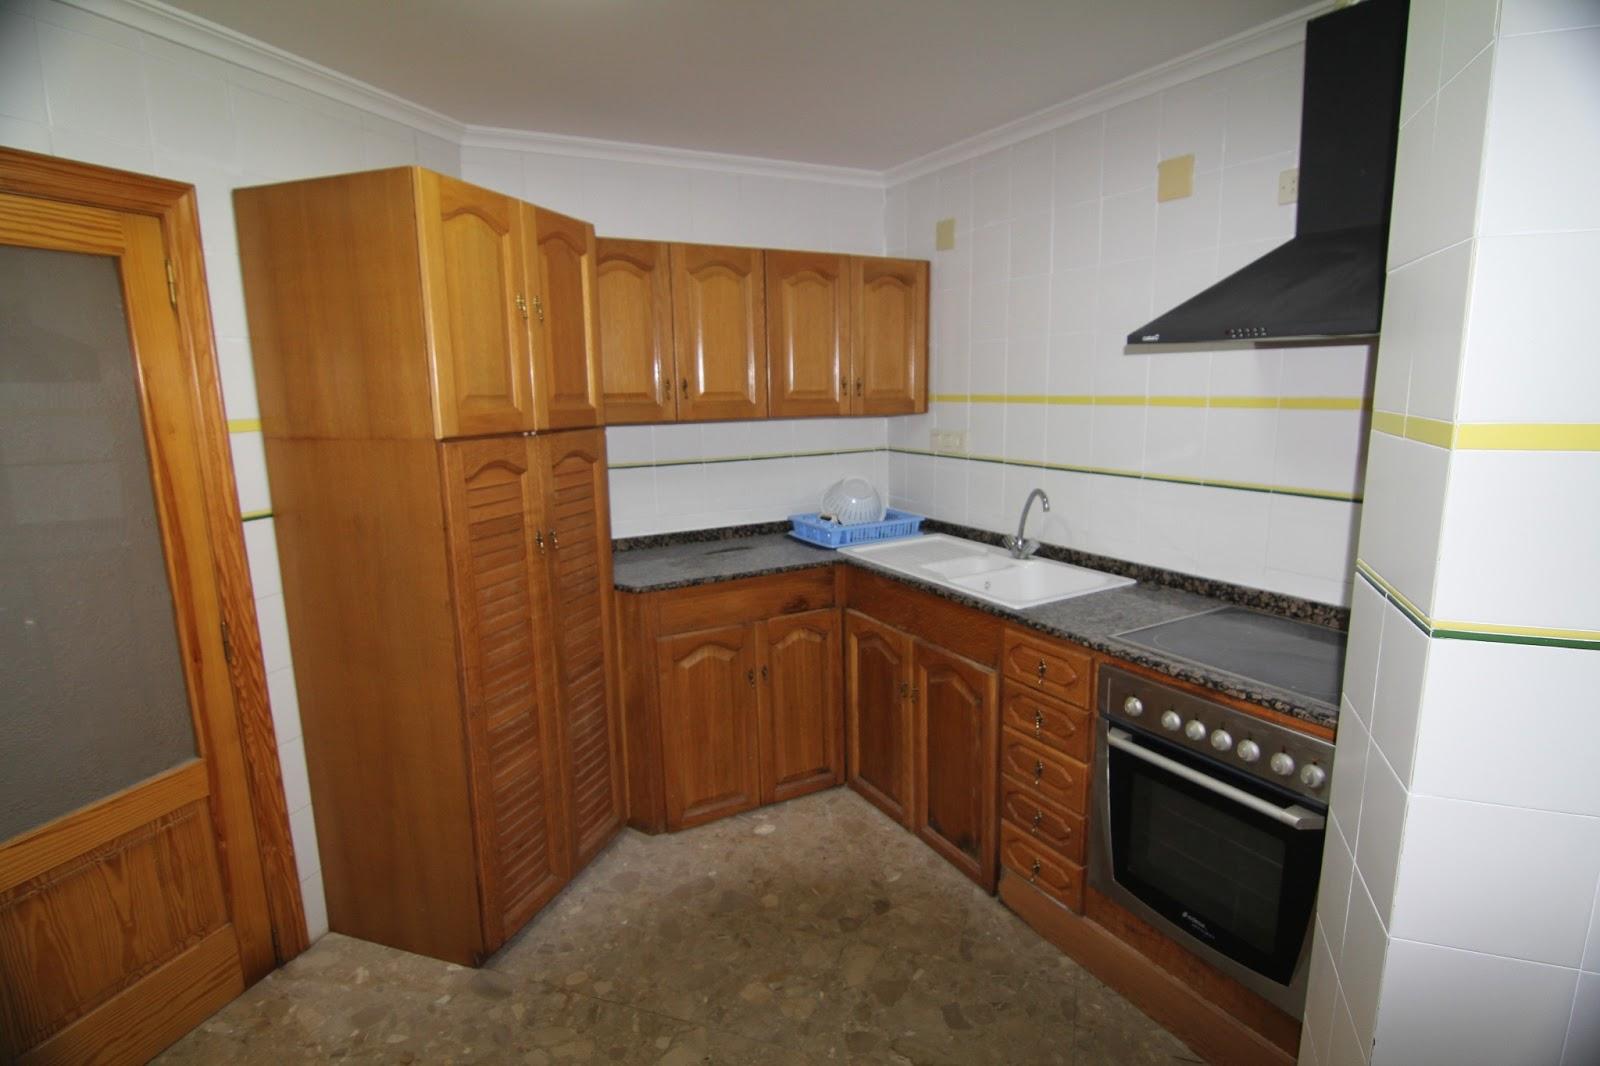 Cocinas low cost Valencia, cocinas económicas